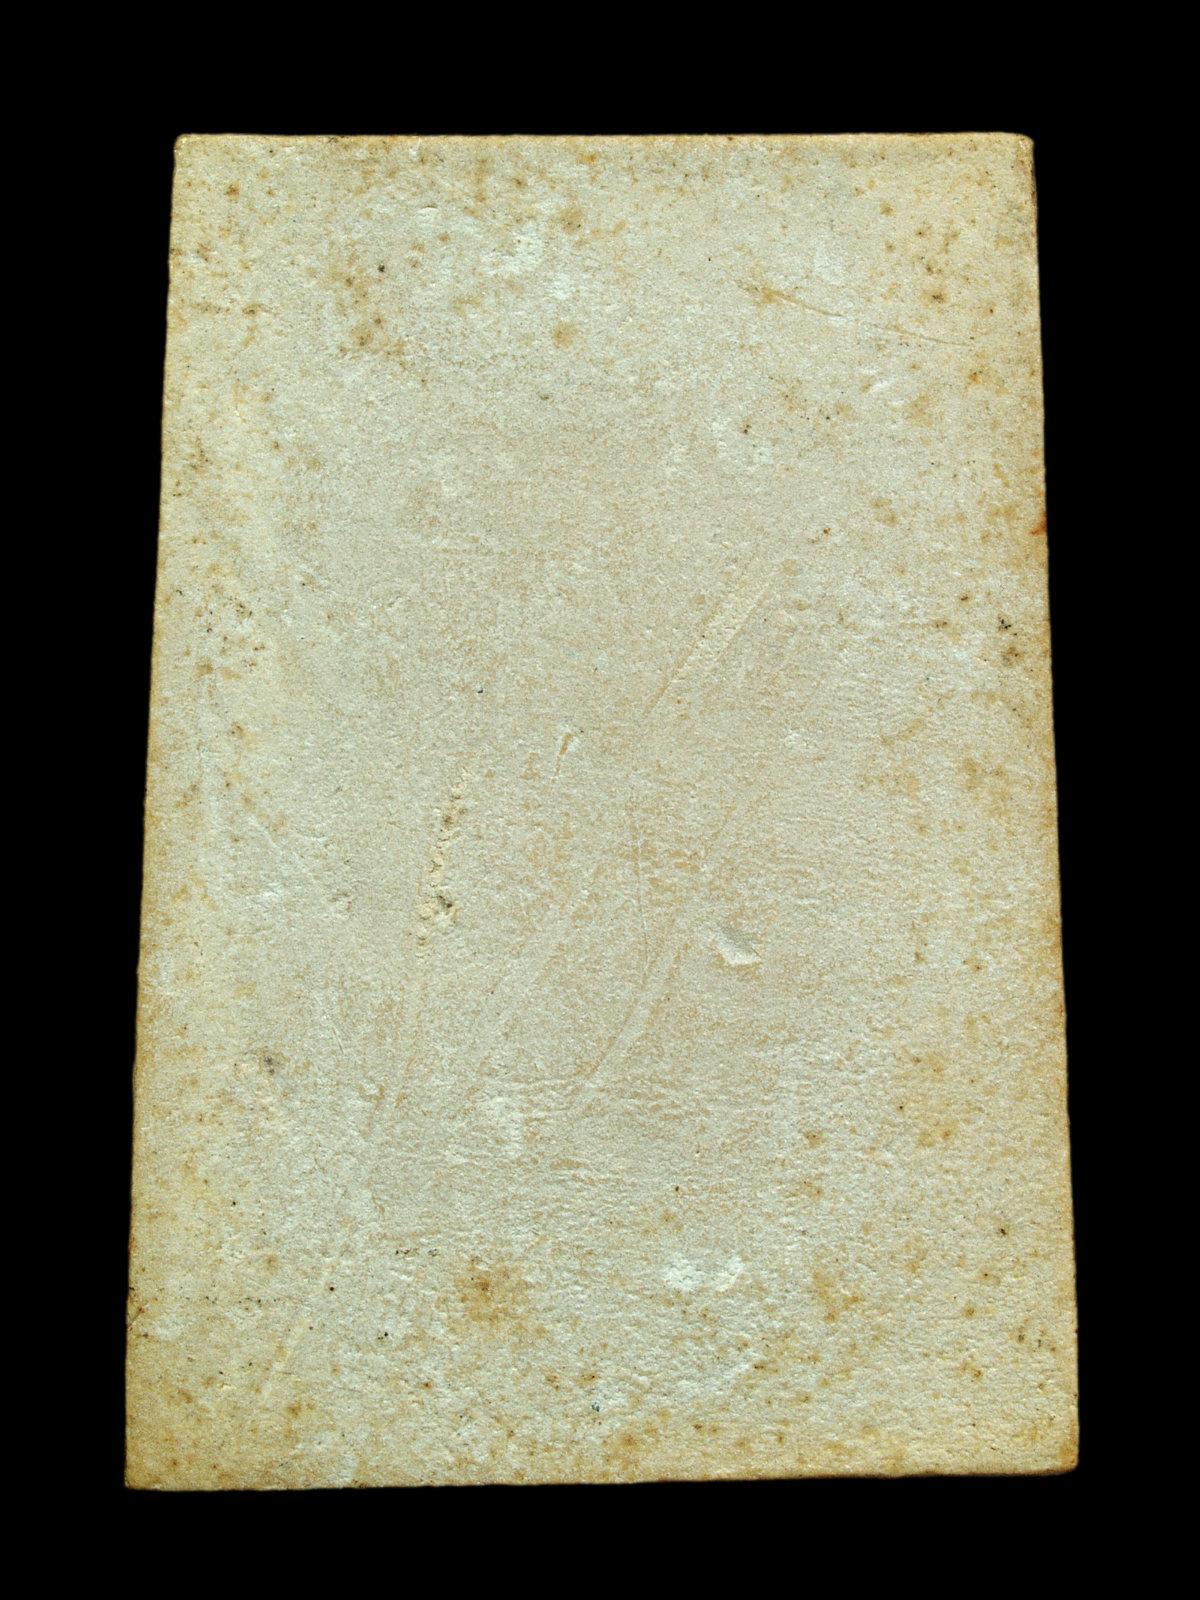 พระผงพระพุทธโสธร (ลองพิมพ์) หลวงพ่อจรัญ วัดอัมพวัน รุ่นแรก ปี 2513 d.jpg